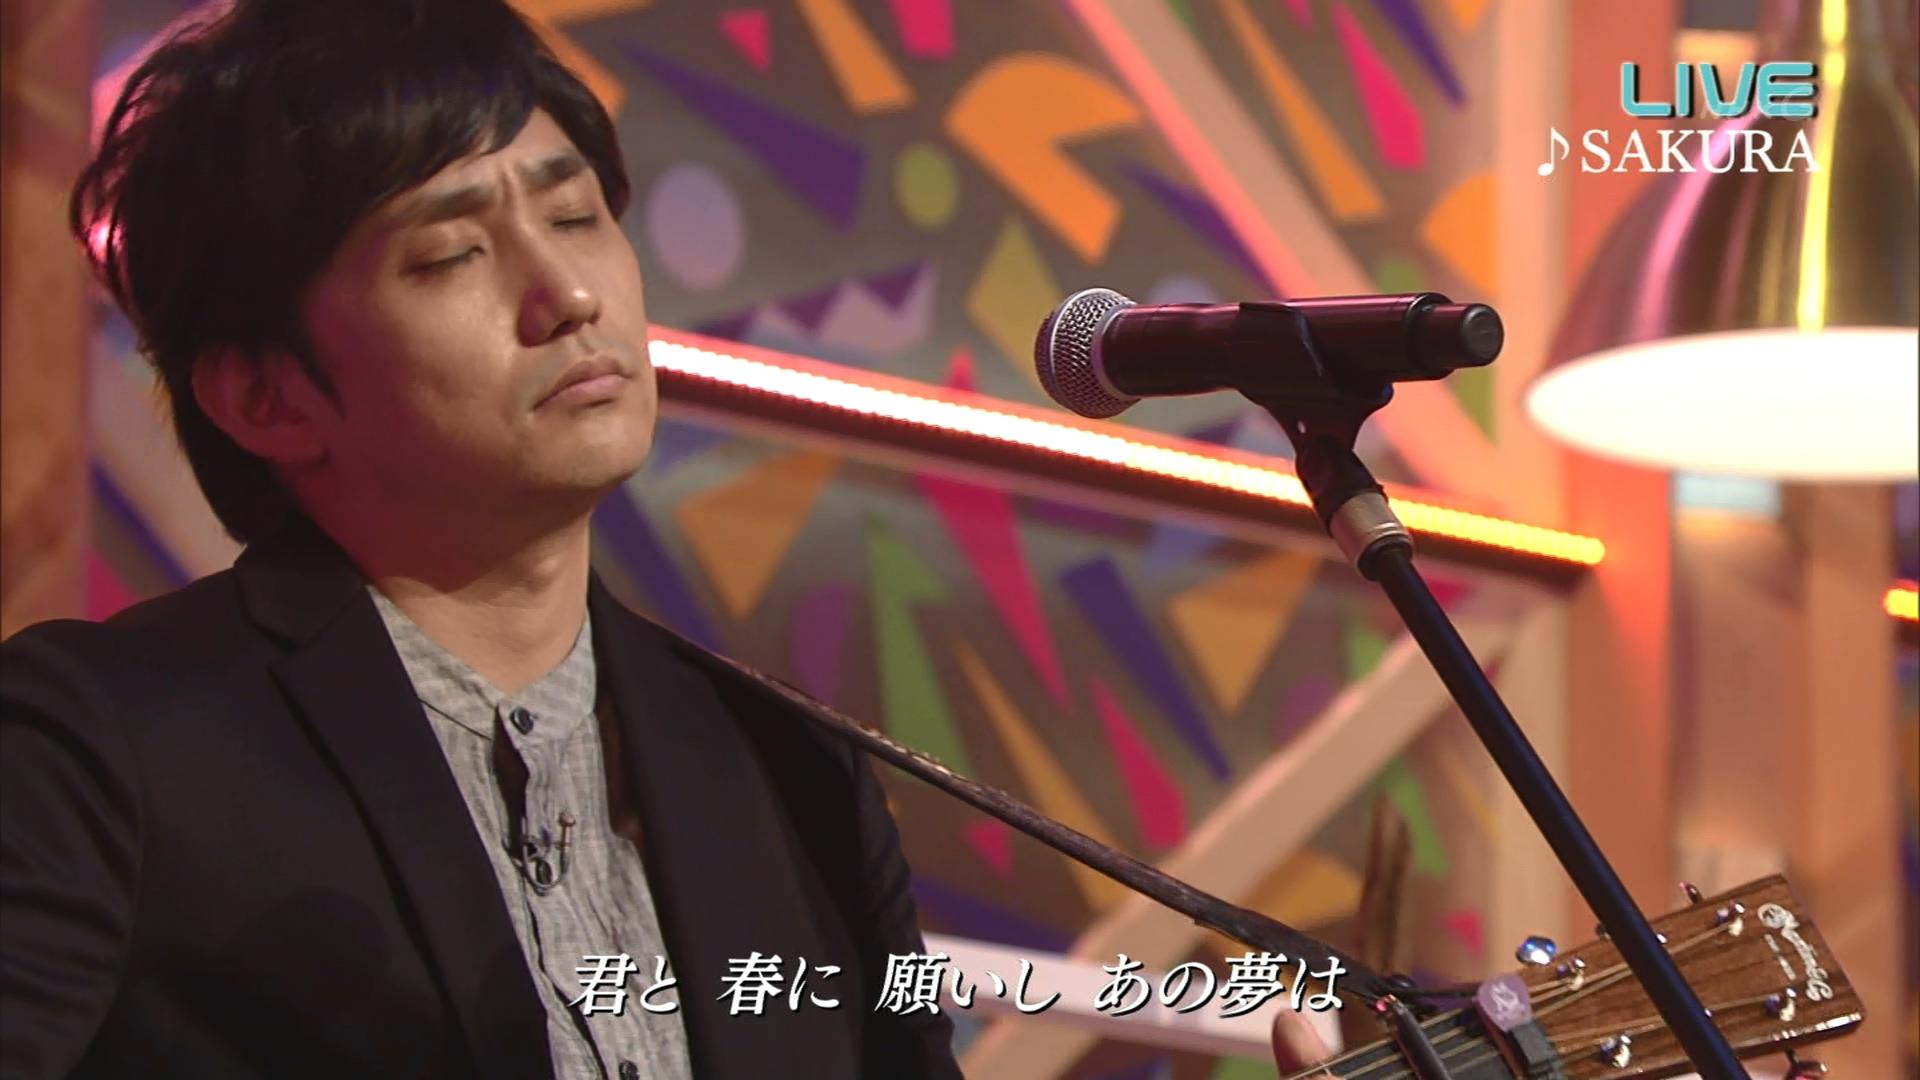 2016.03.20 いきものがかり - いきものがかりの10年がかり(MJ Presents).ts_20160321_040750.310